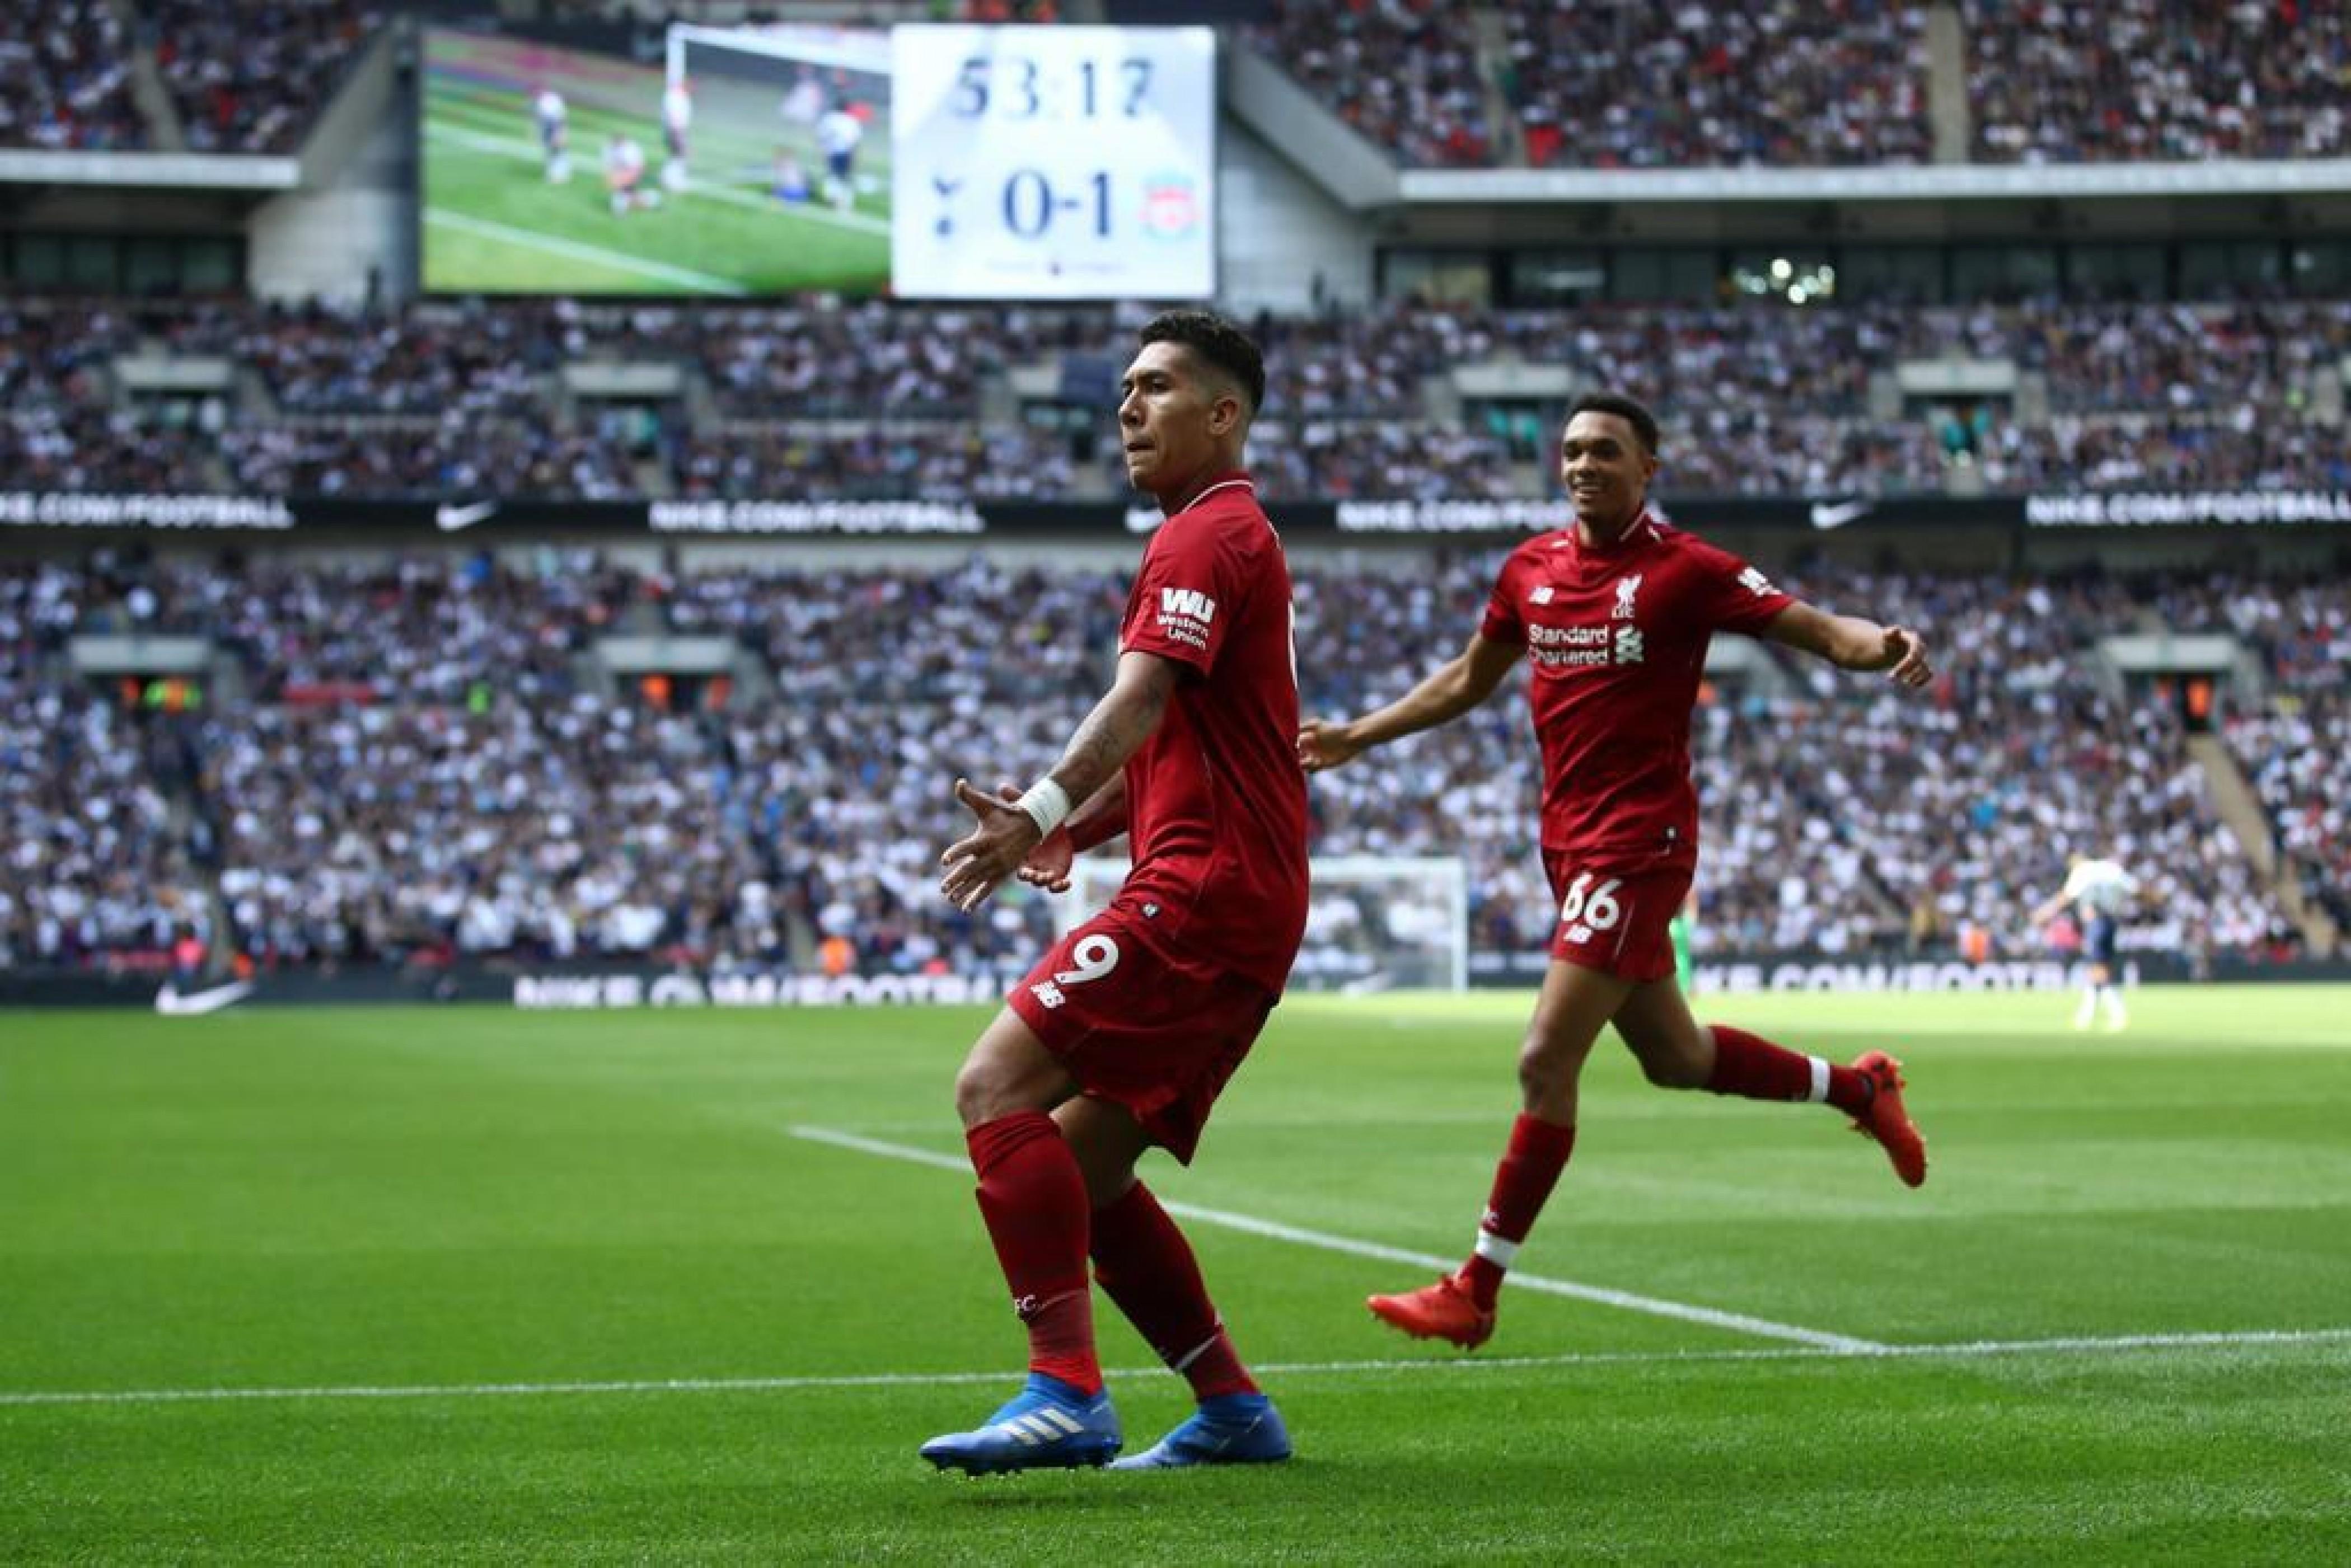 El Liverpool conquista Wembley y quiere la Premier